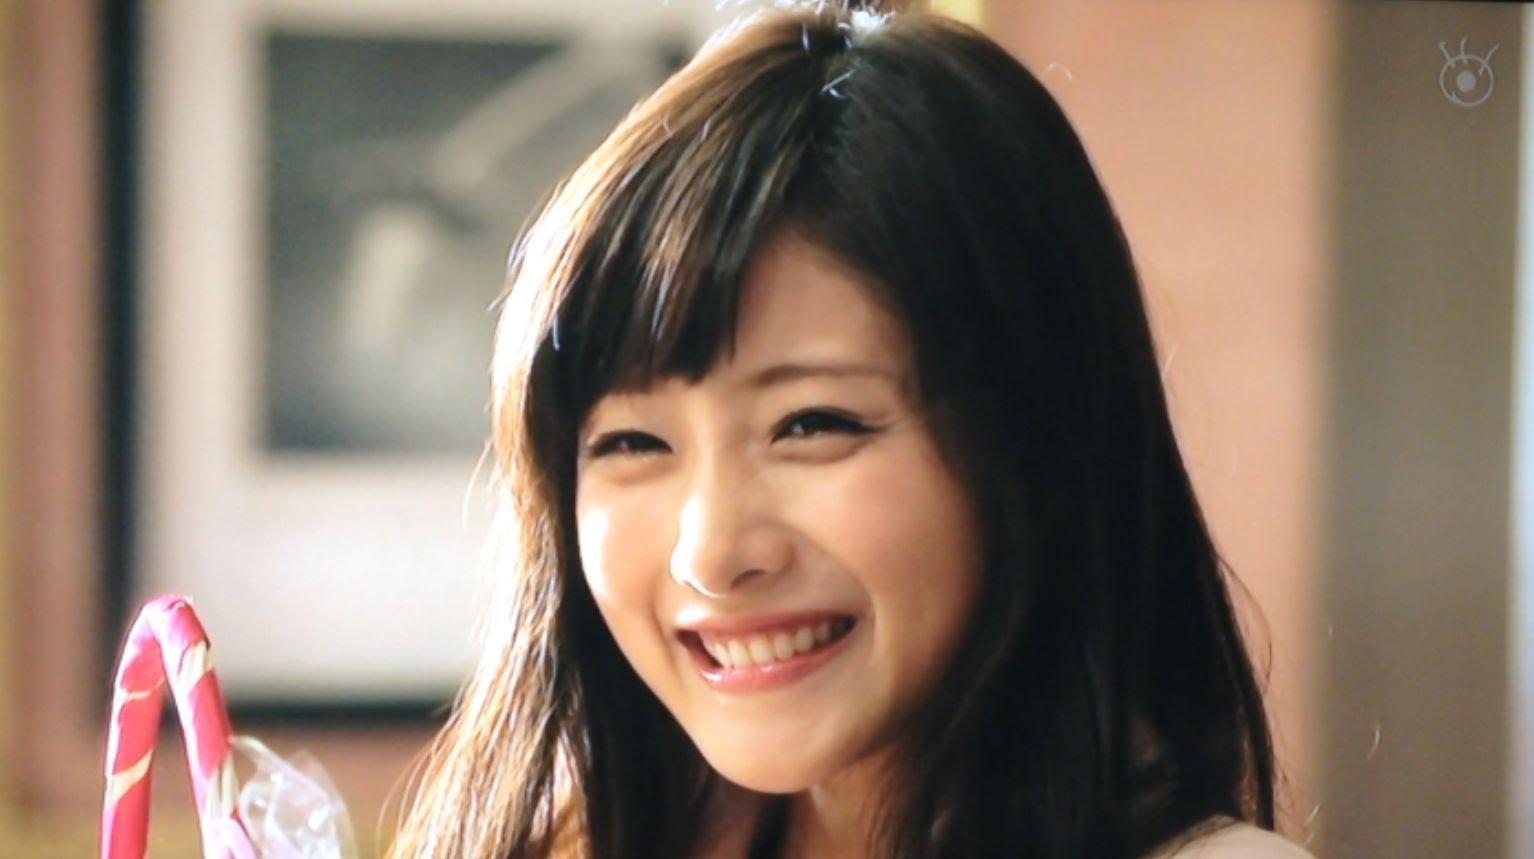 目を細めて嬉しそうな笑顔を見せる石原さとみ